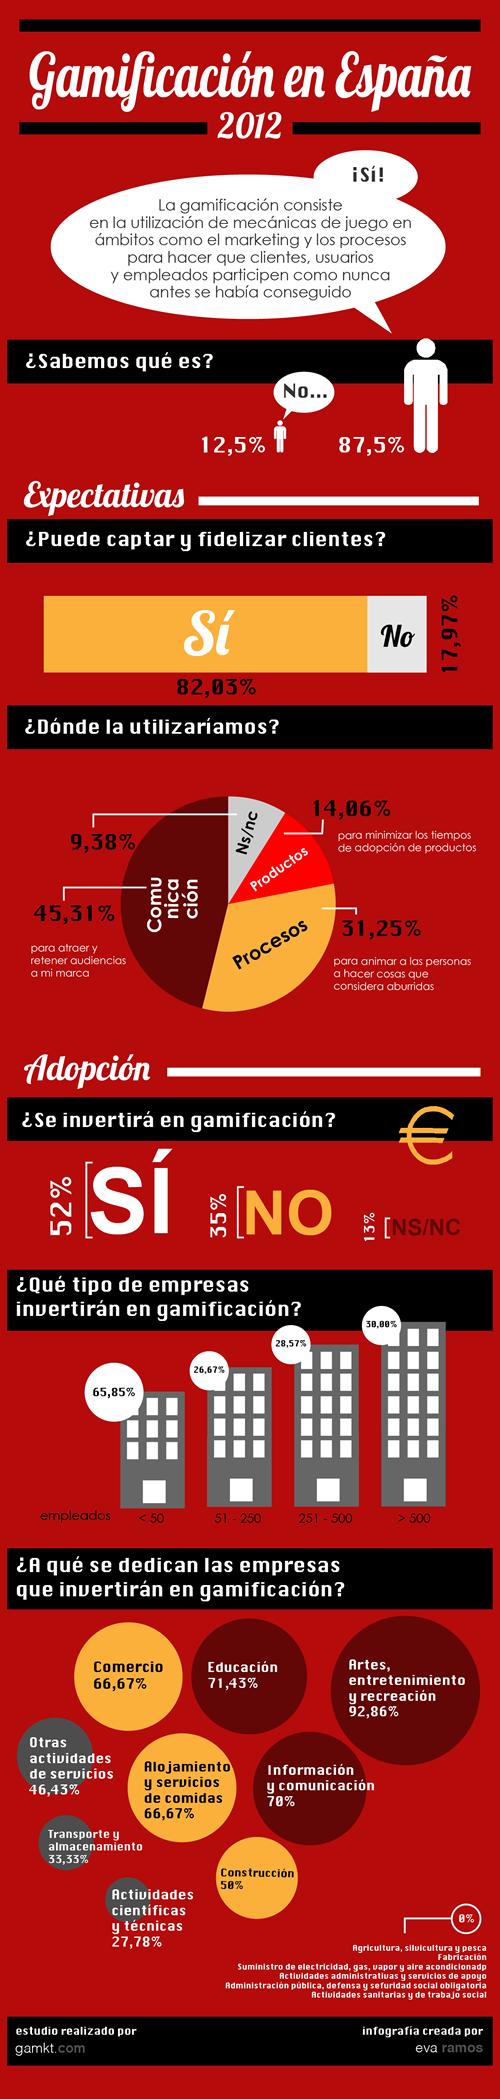 Gamificación en España